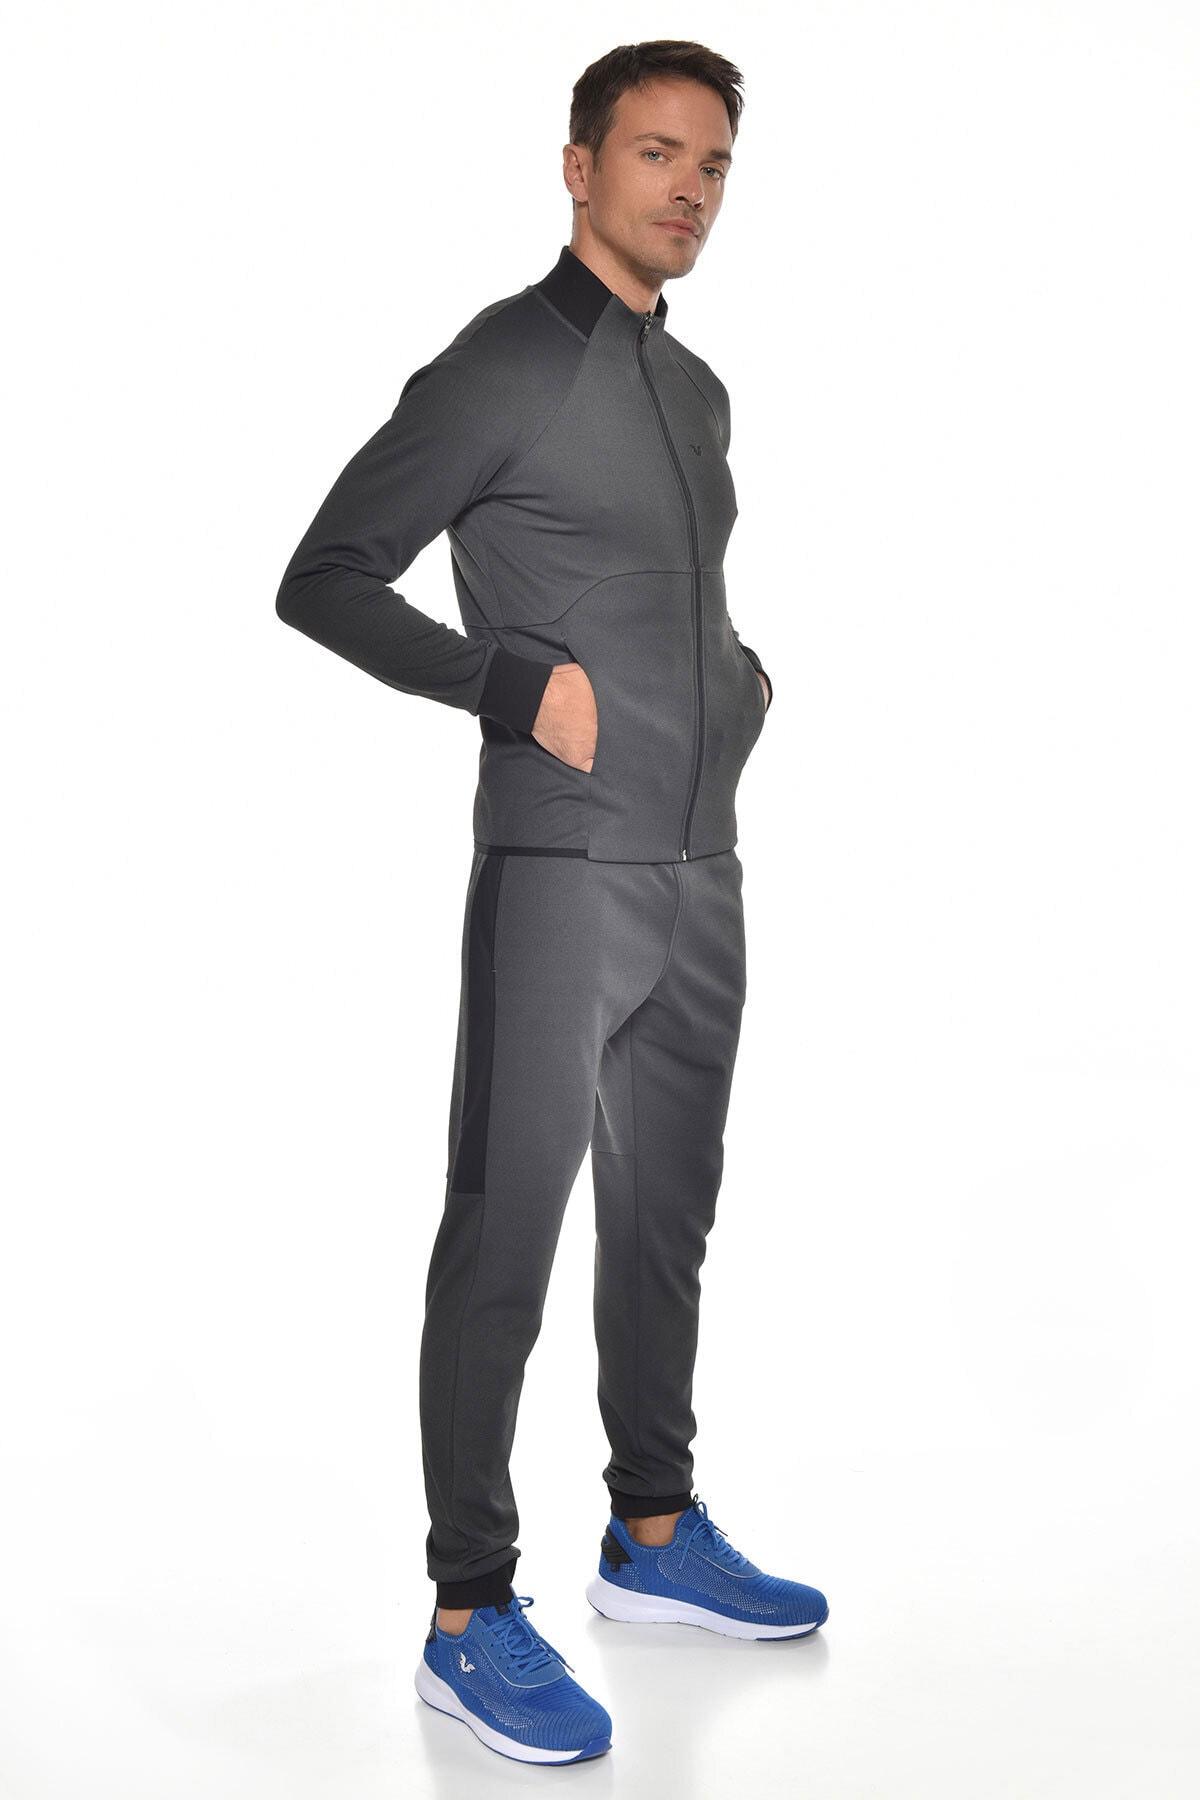 bilcee Siyah Erkek Eşofman Takım GW-9405 2